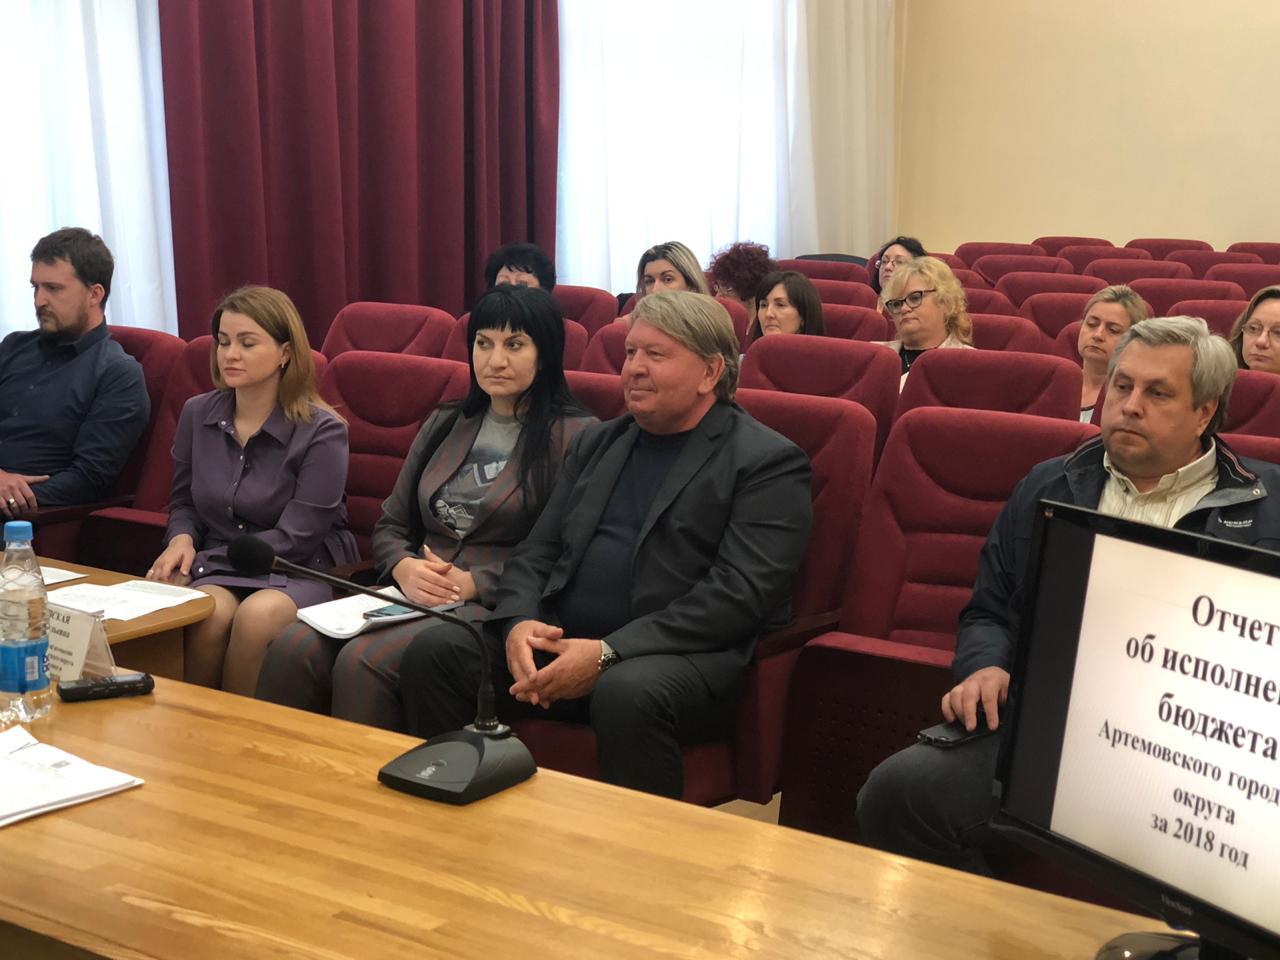 Артемовцы приняли участие в обсуждении Бюджета -2018.